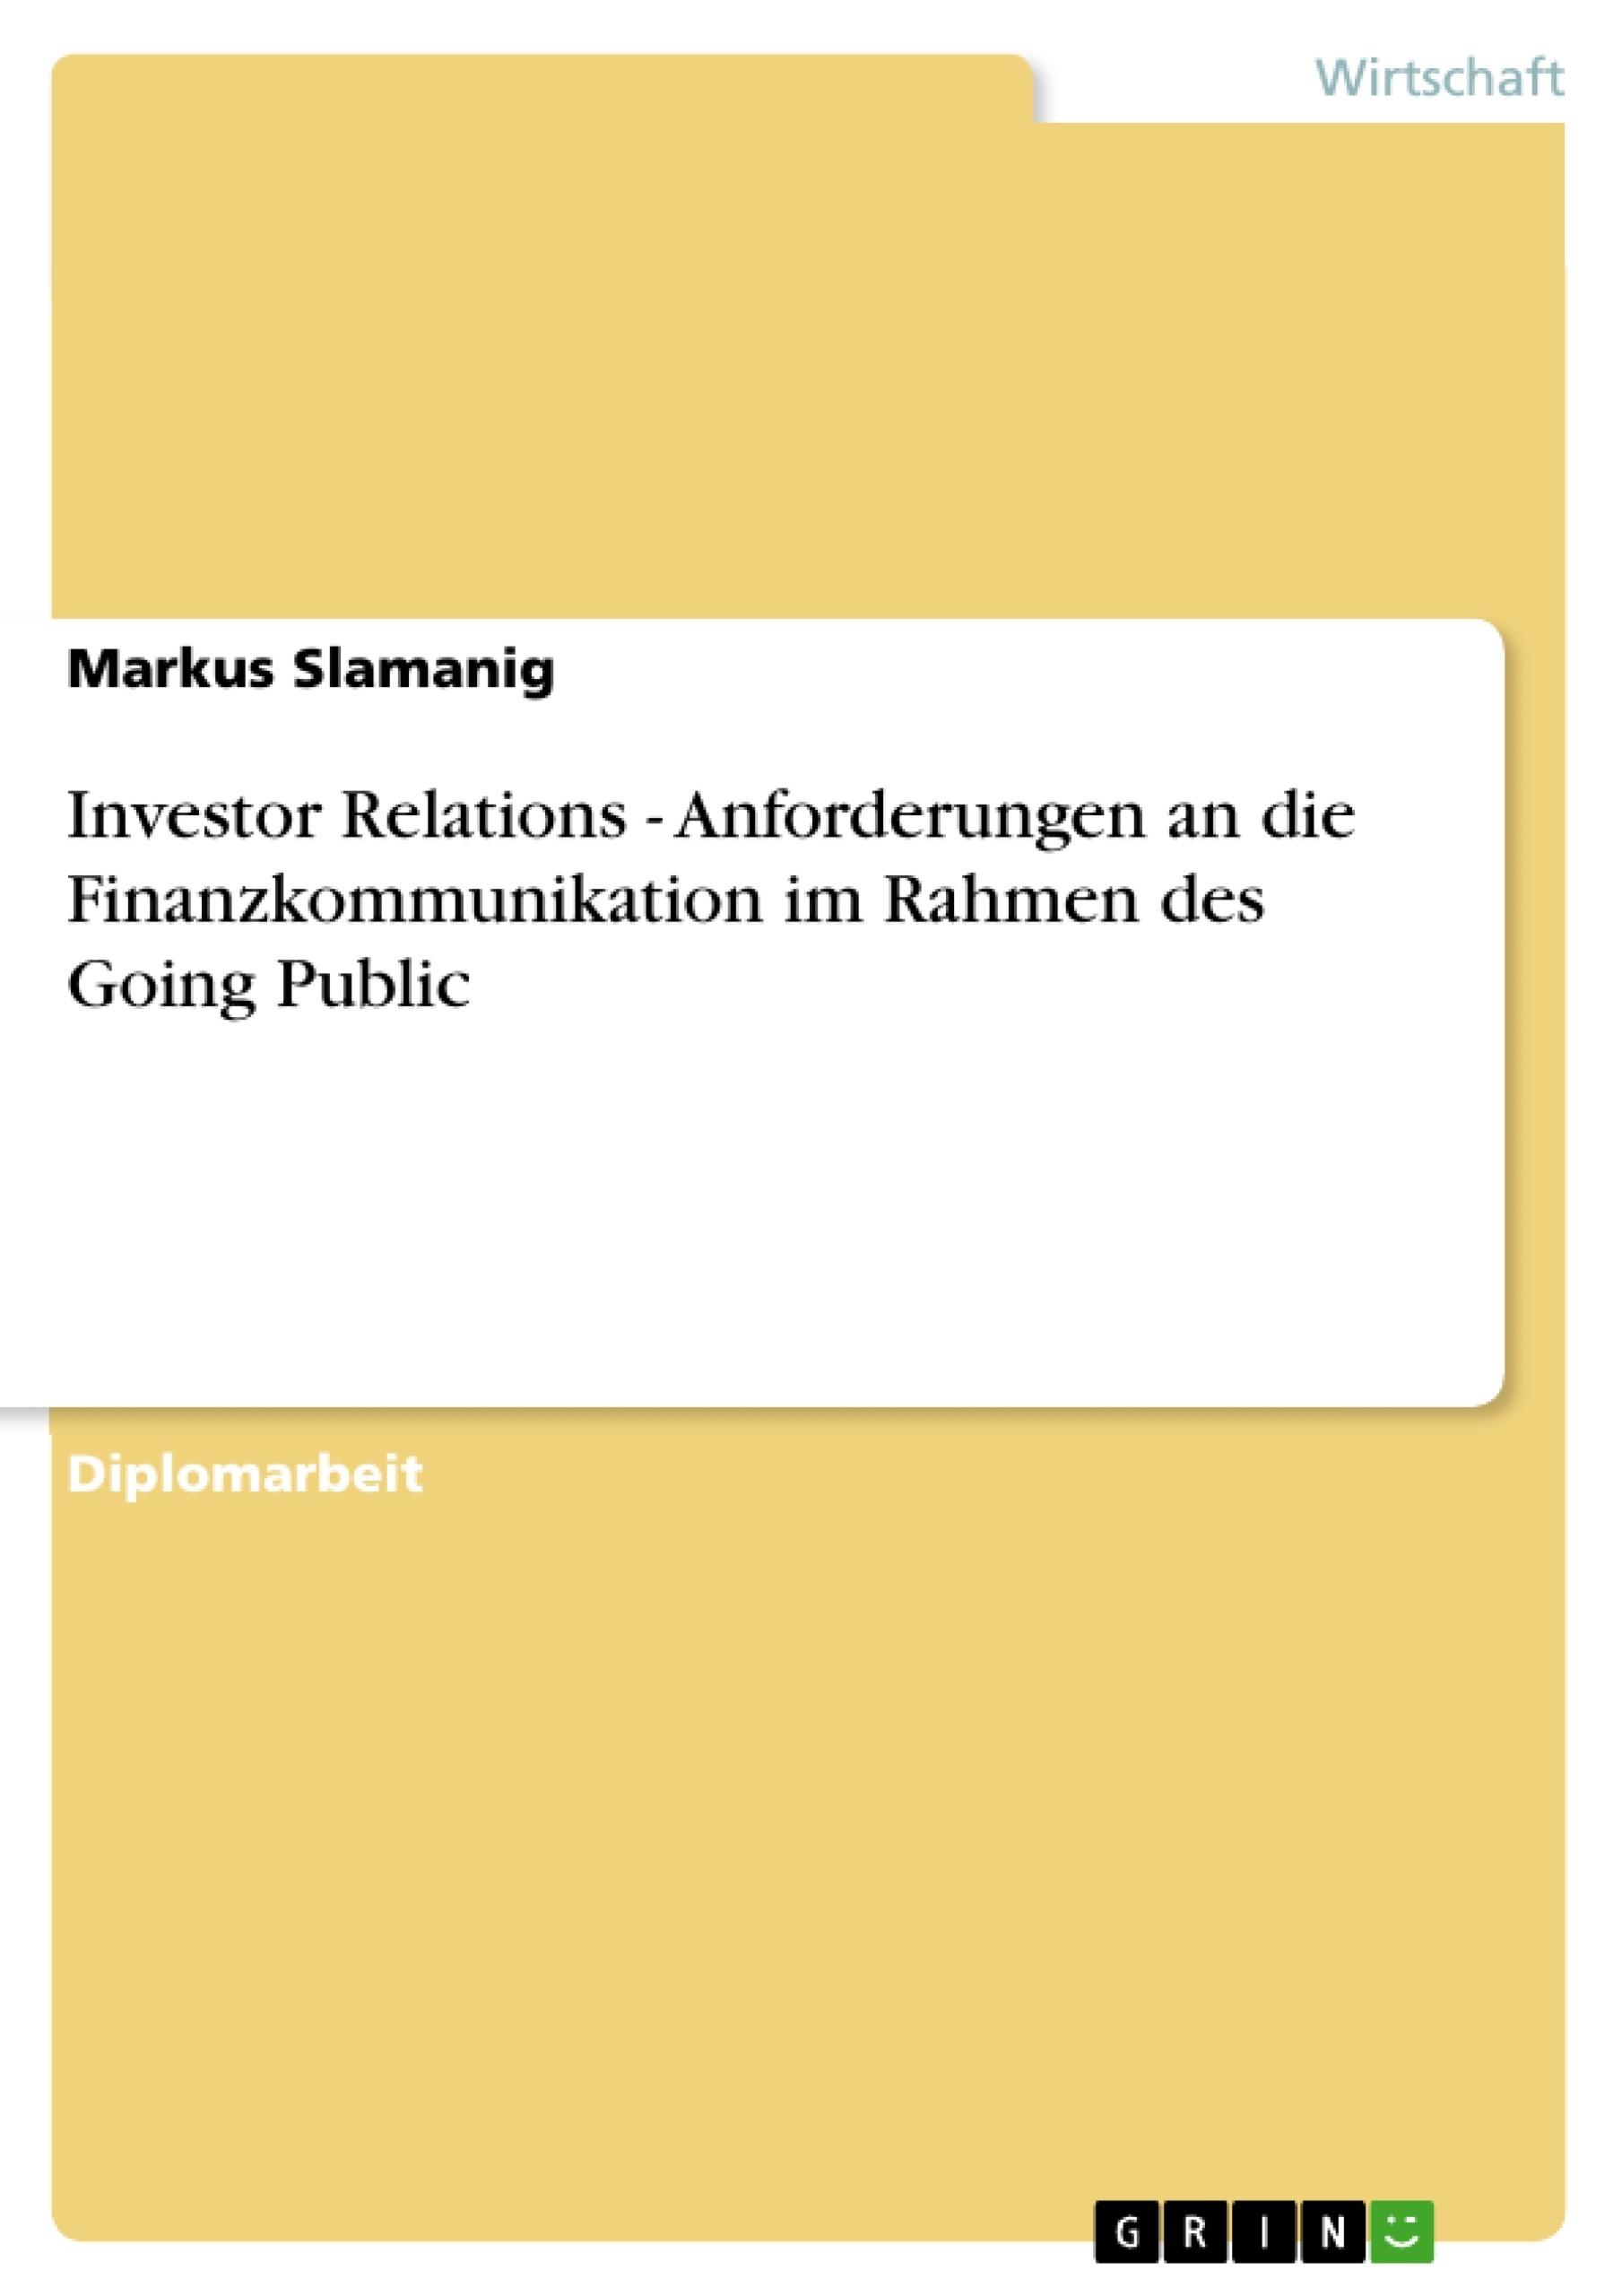 Titel: Investor Relations - Anforderungen an die Finanzkommunikation im Rahmen des Going Public